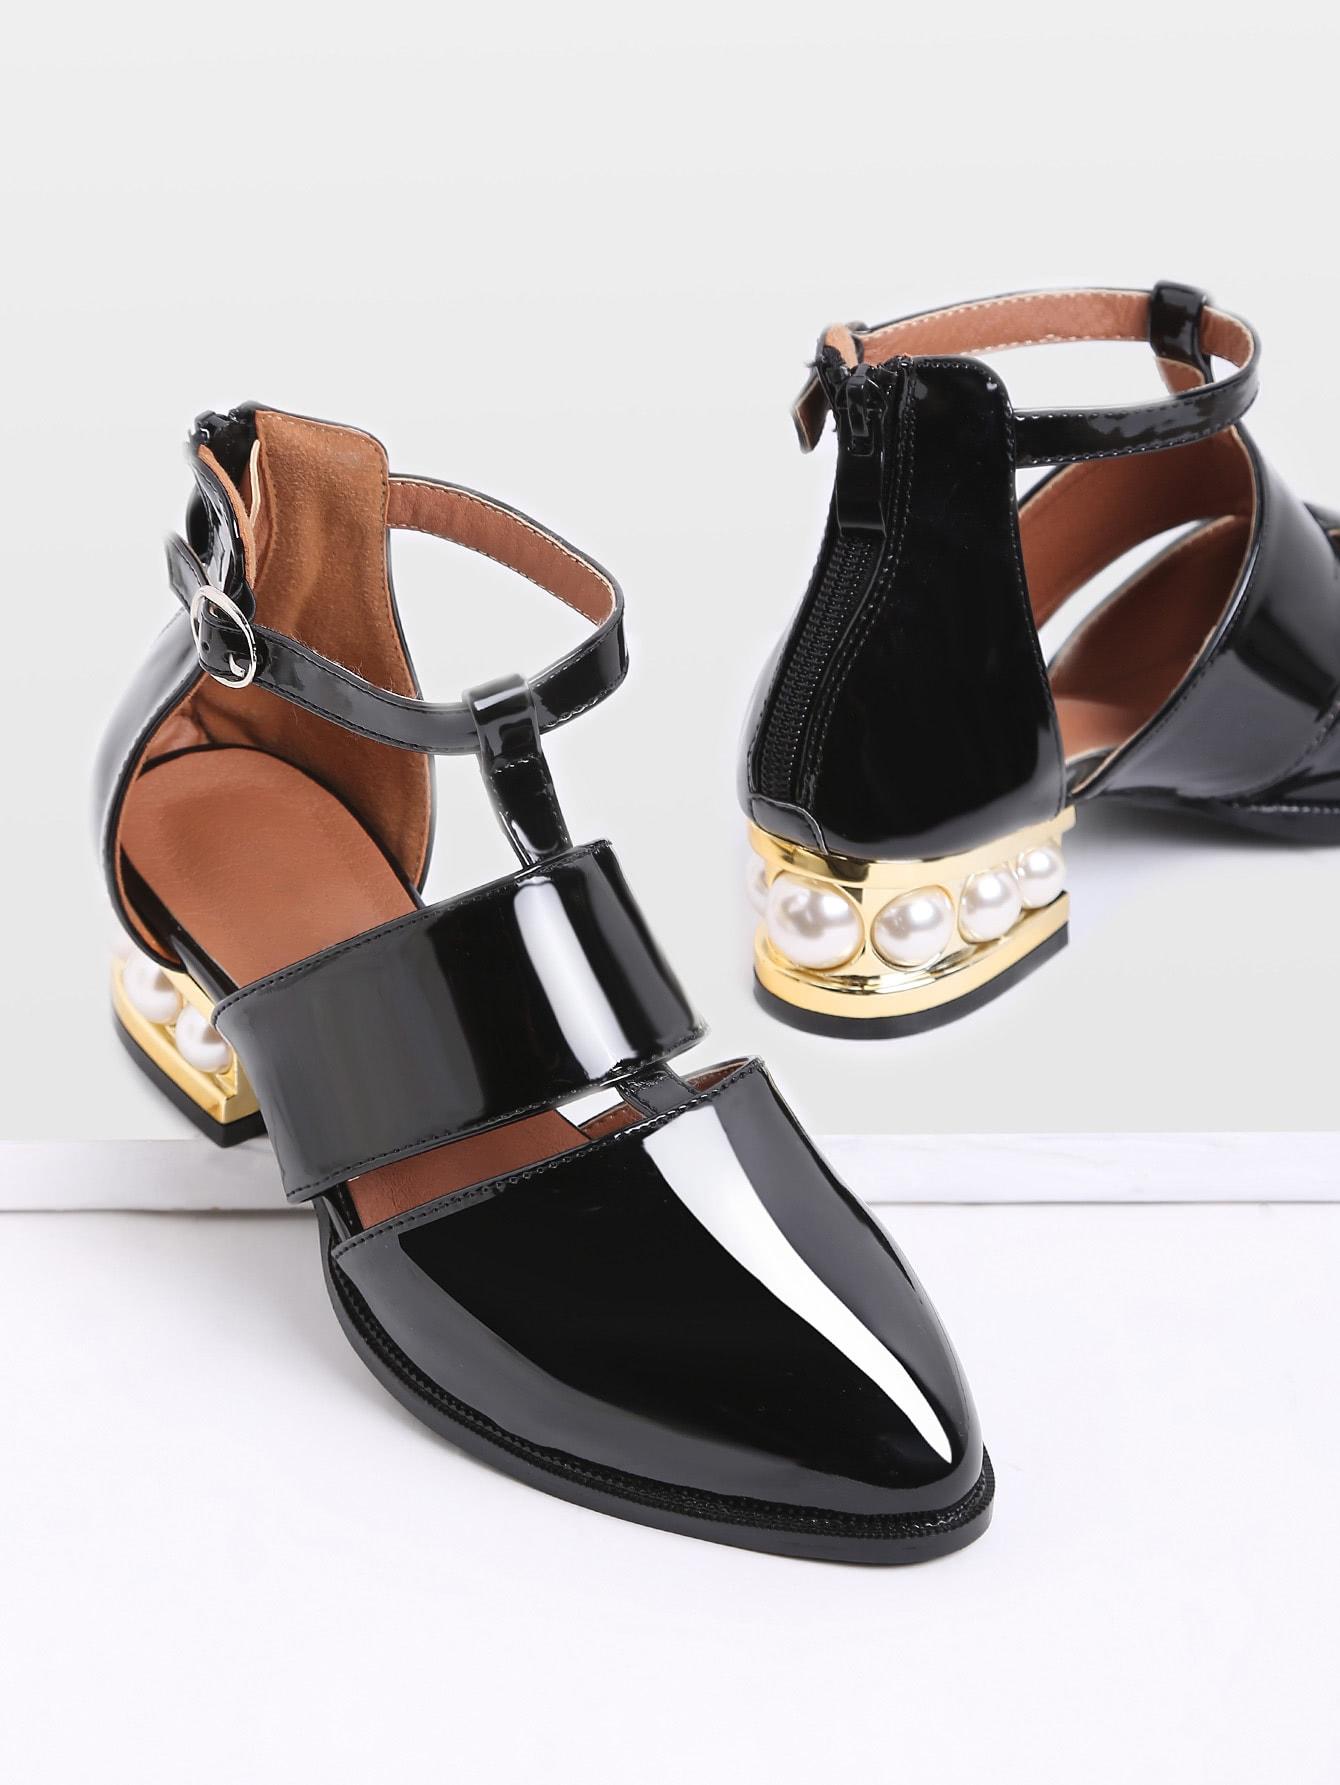 shoes170222801_2